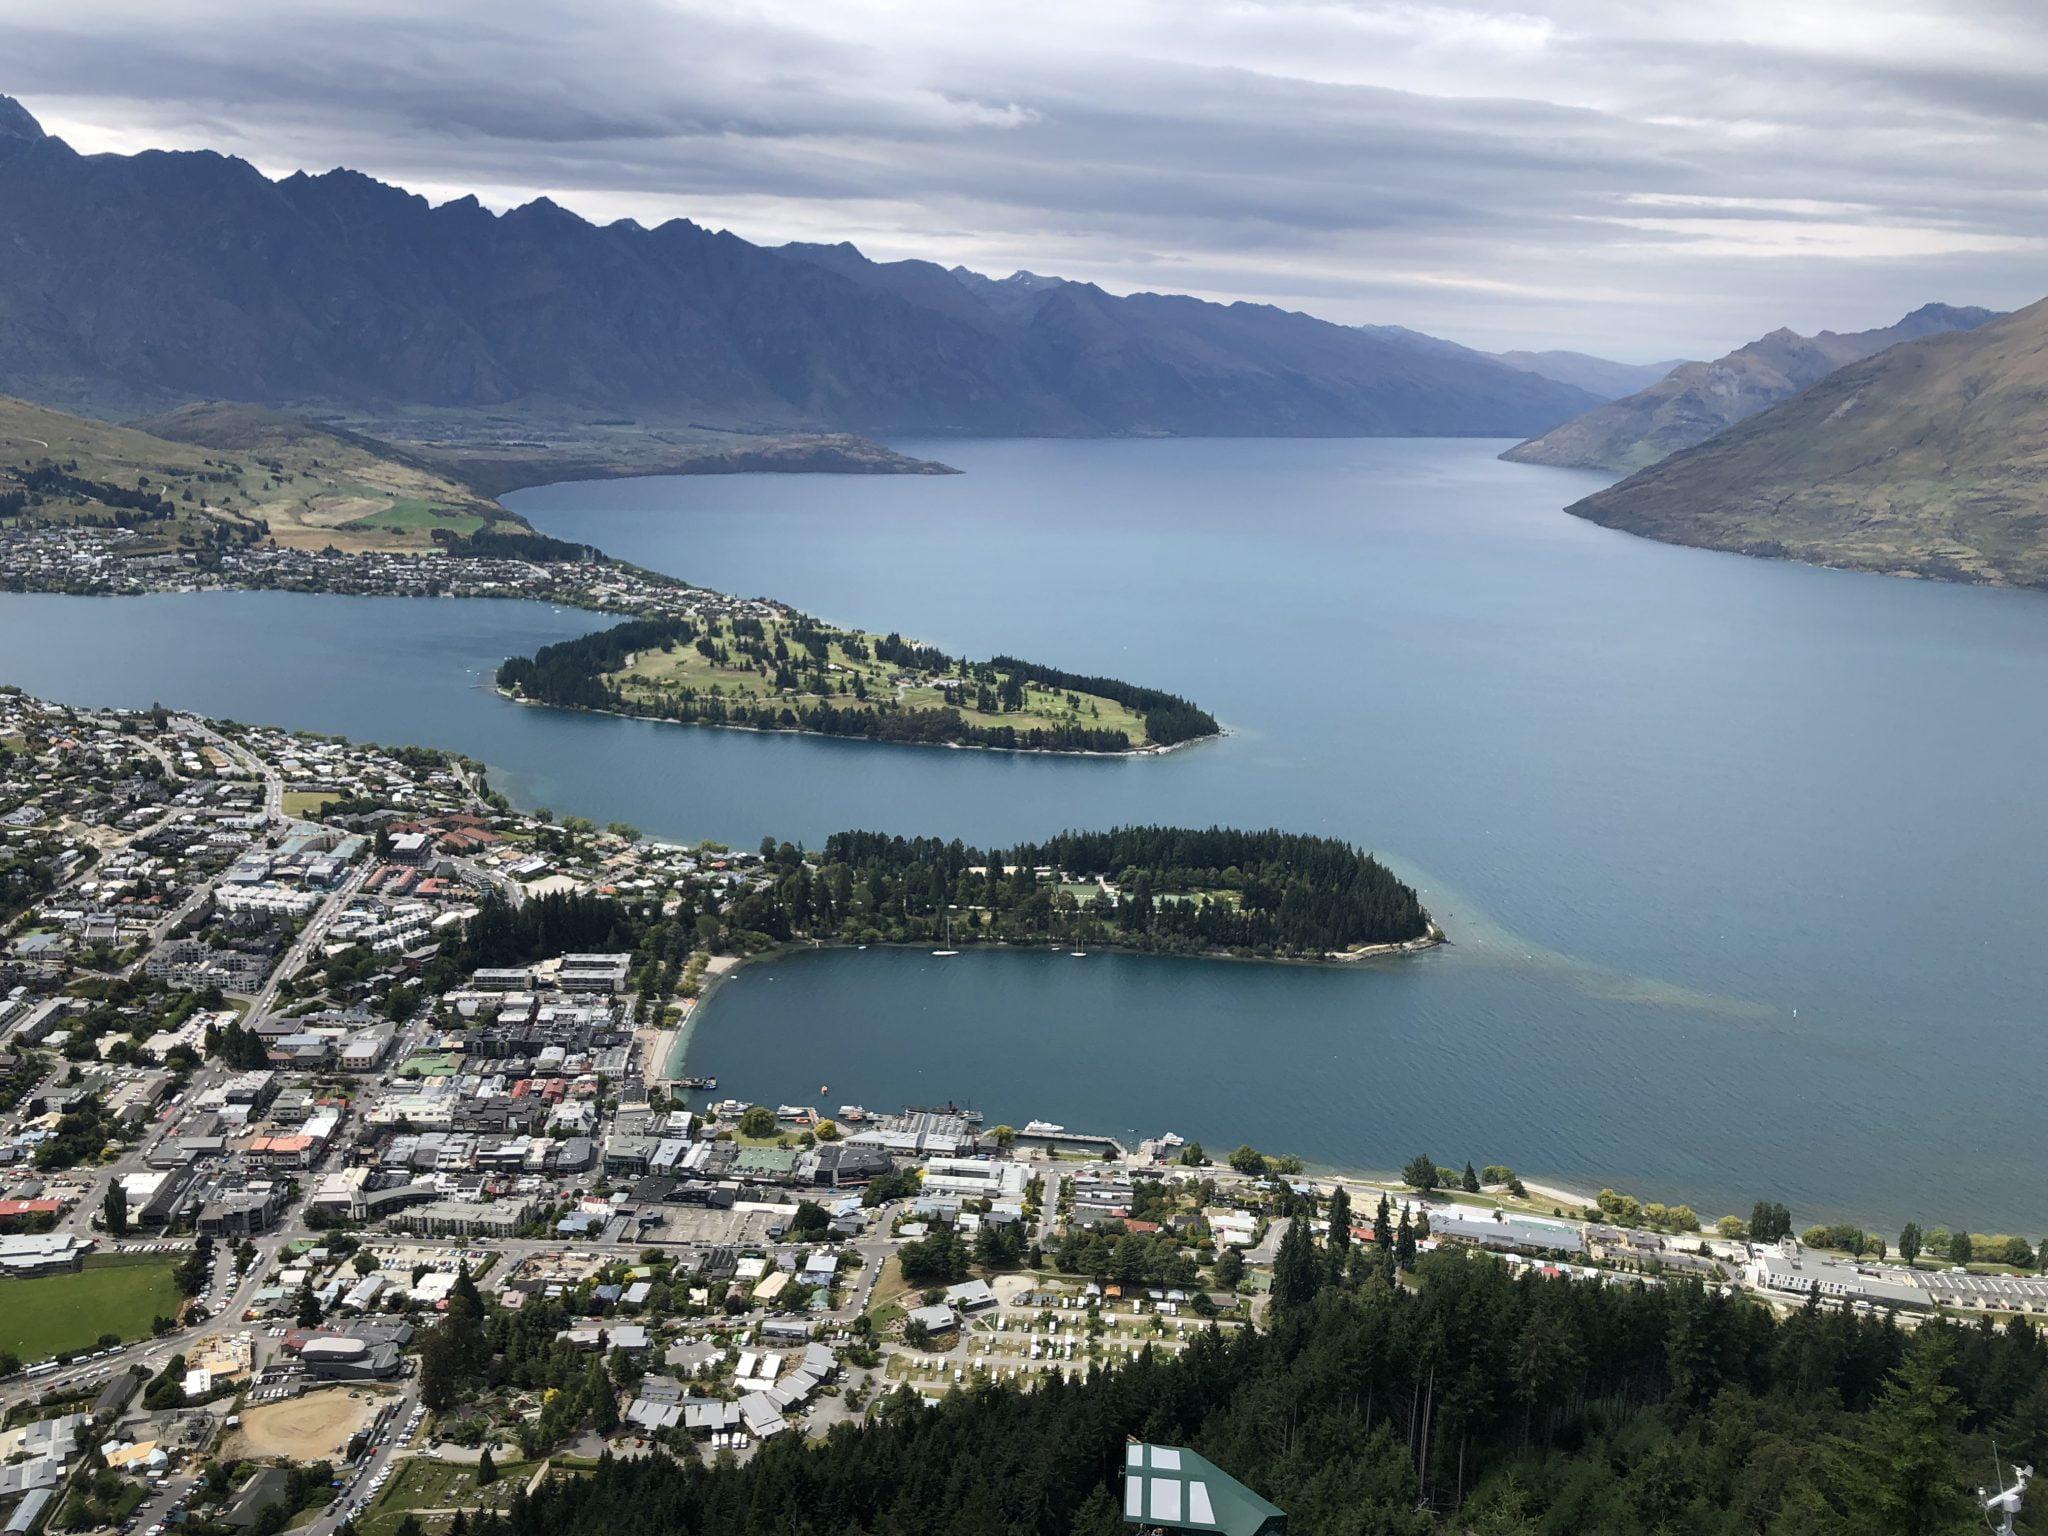 Skyline Gondola, George Town, New Zealand